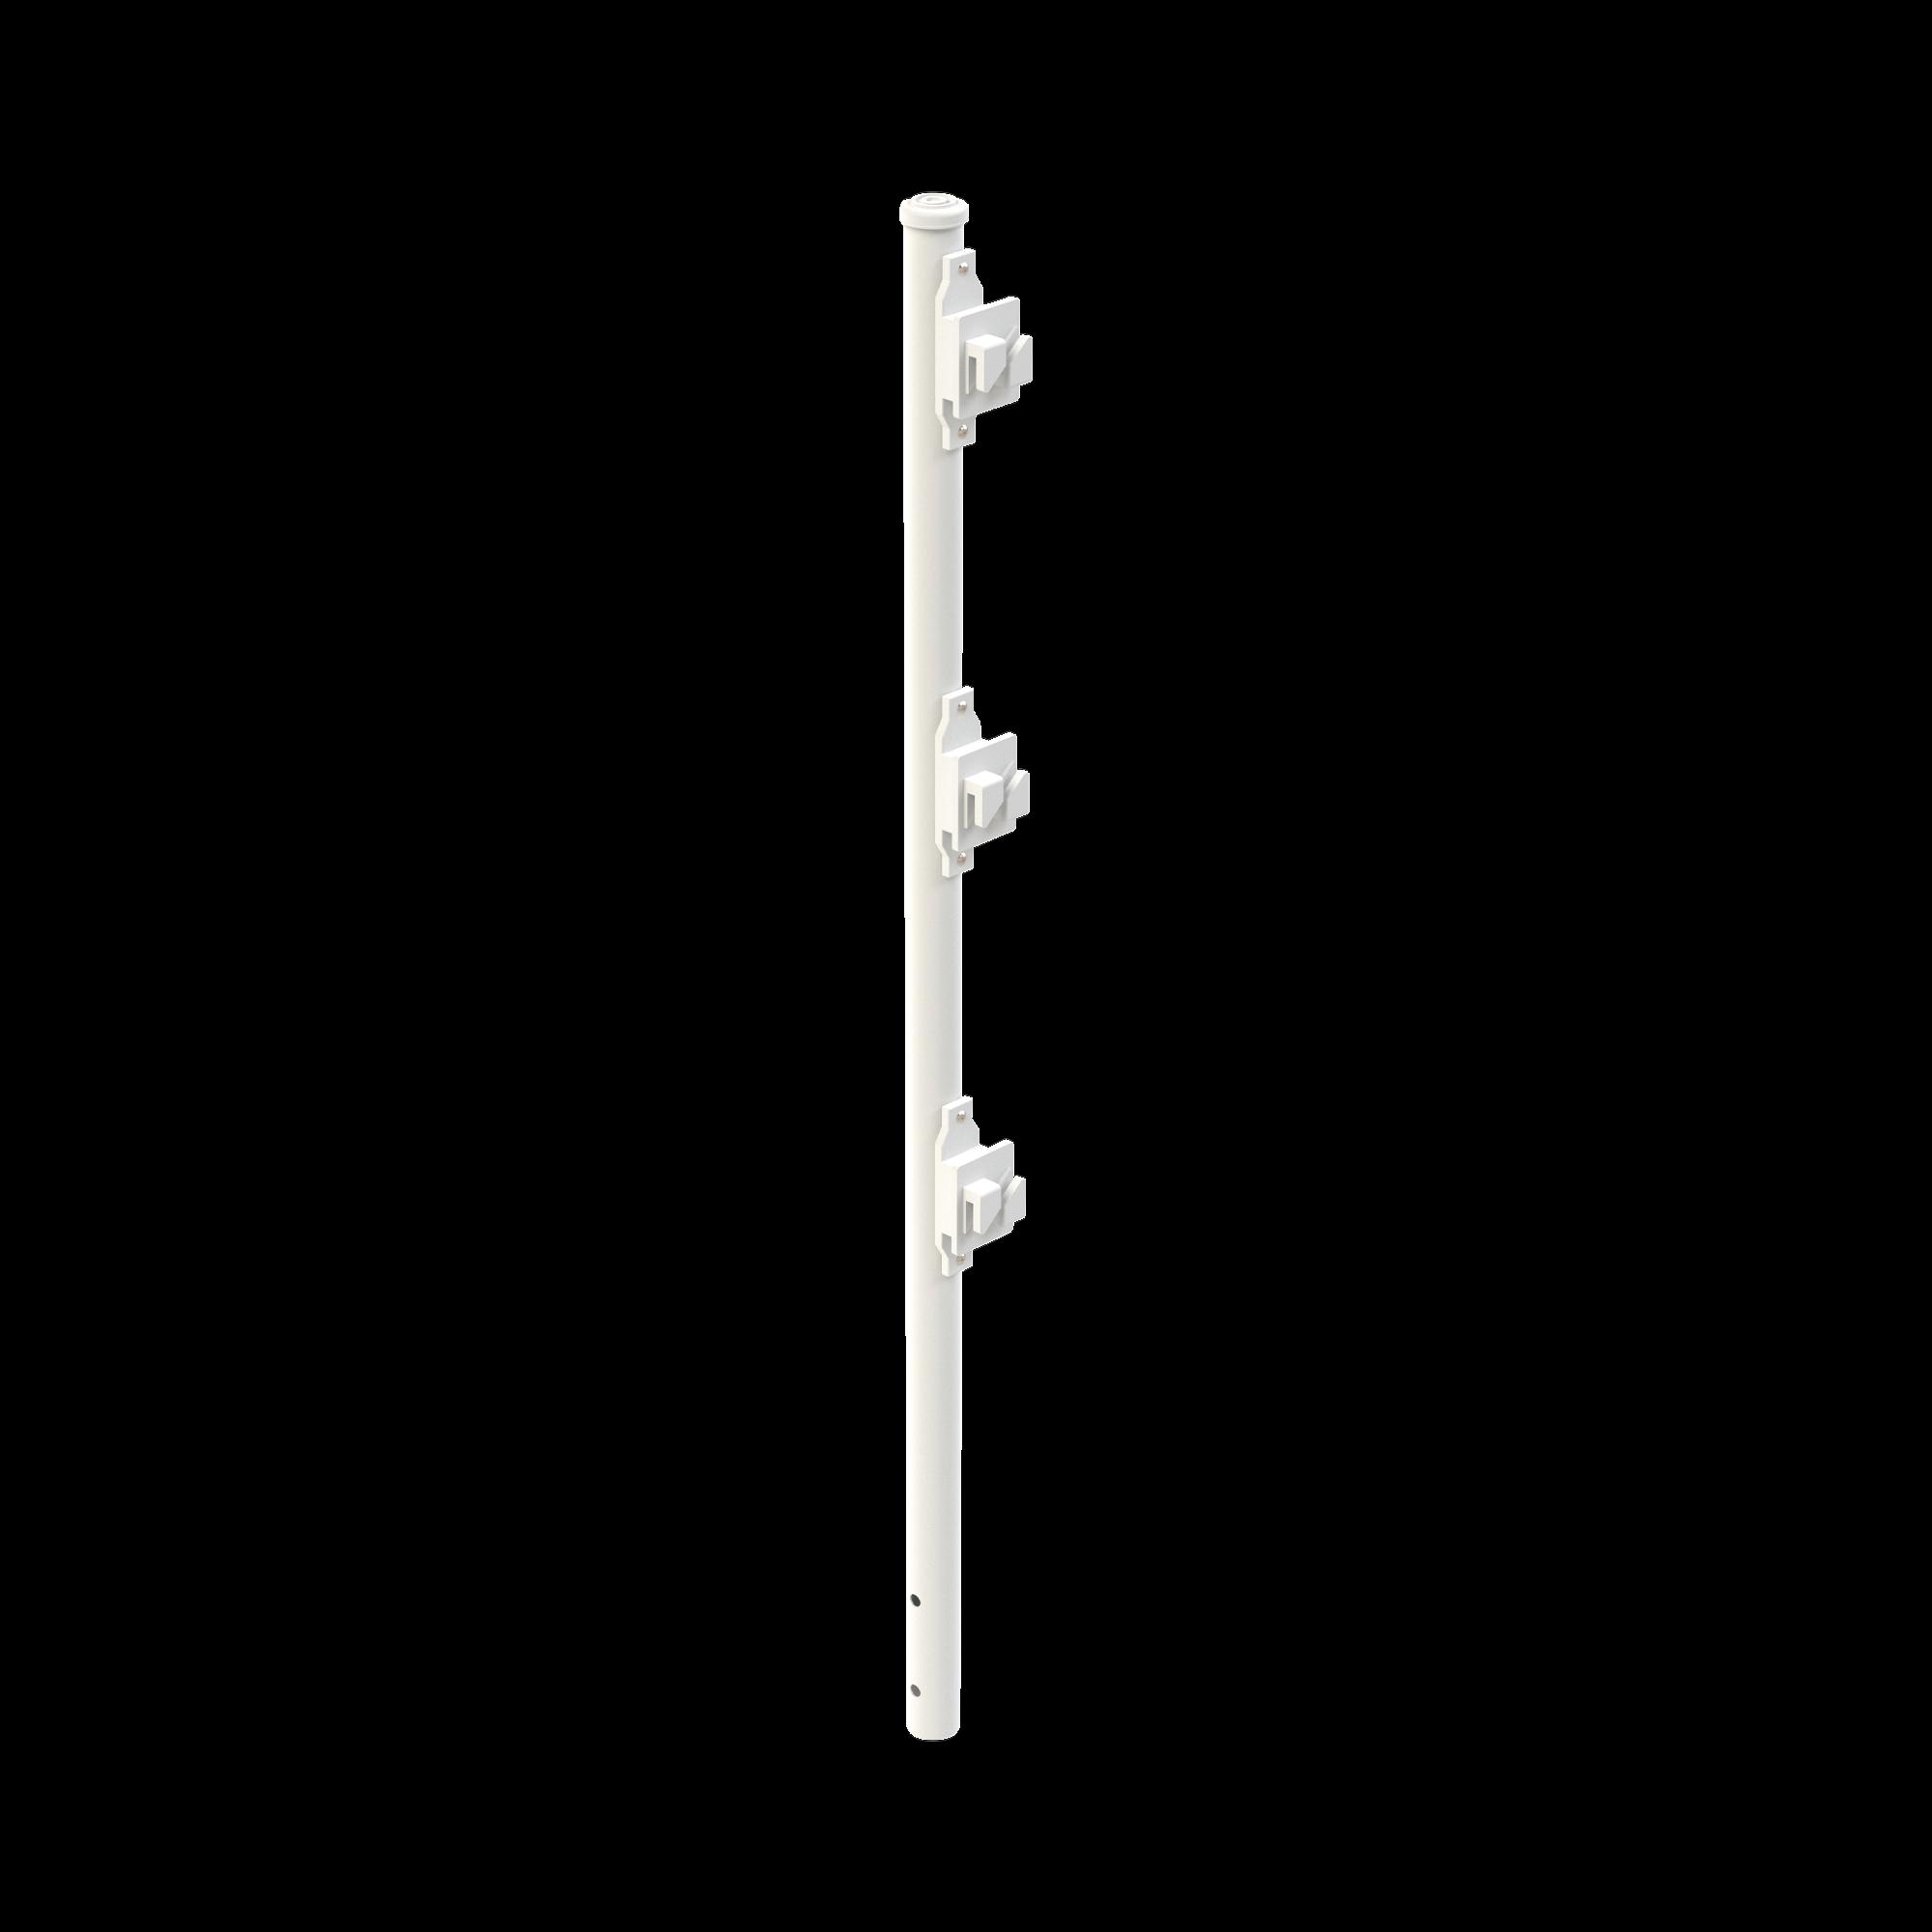 Poste de Paso Blanco de 0.8m para Cerca Electrificada. Tubo Galvanizado cal. 18 de 1Diam. con Tapón y 3 Aisladores Instalados.